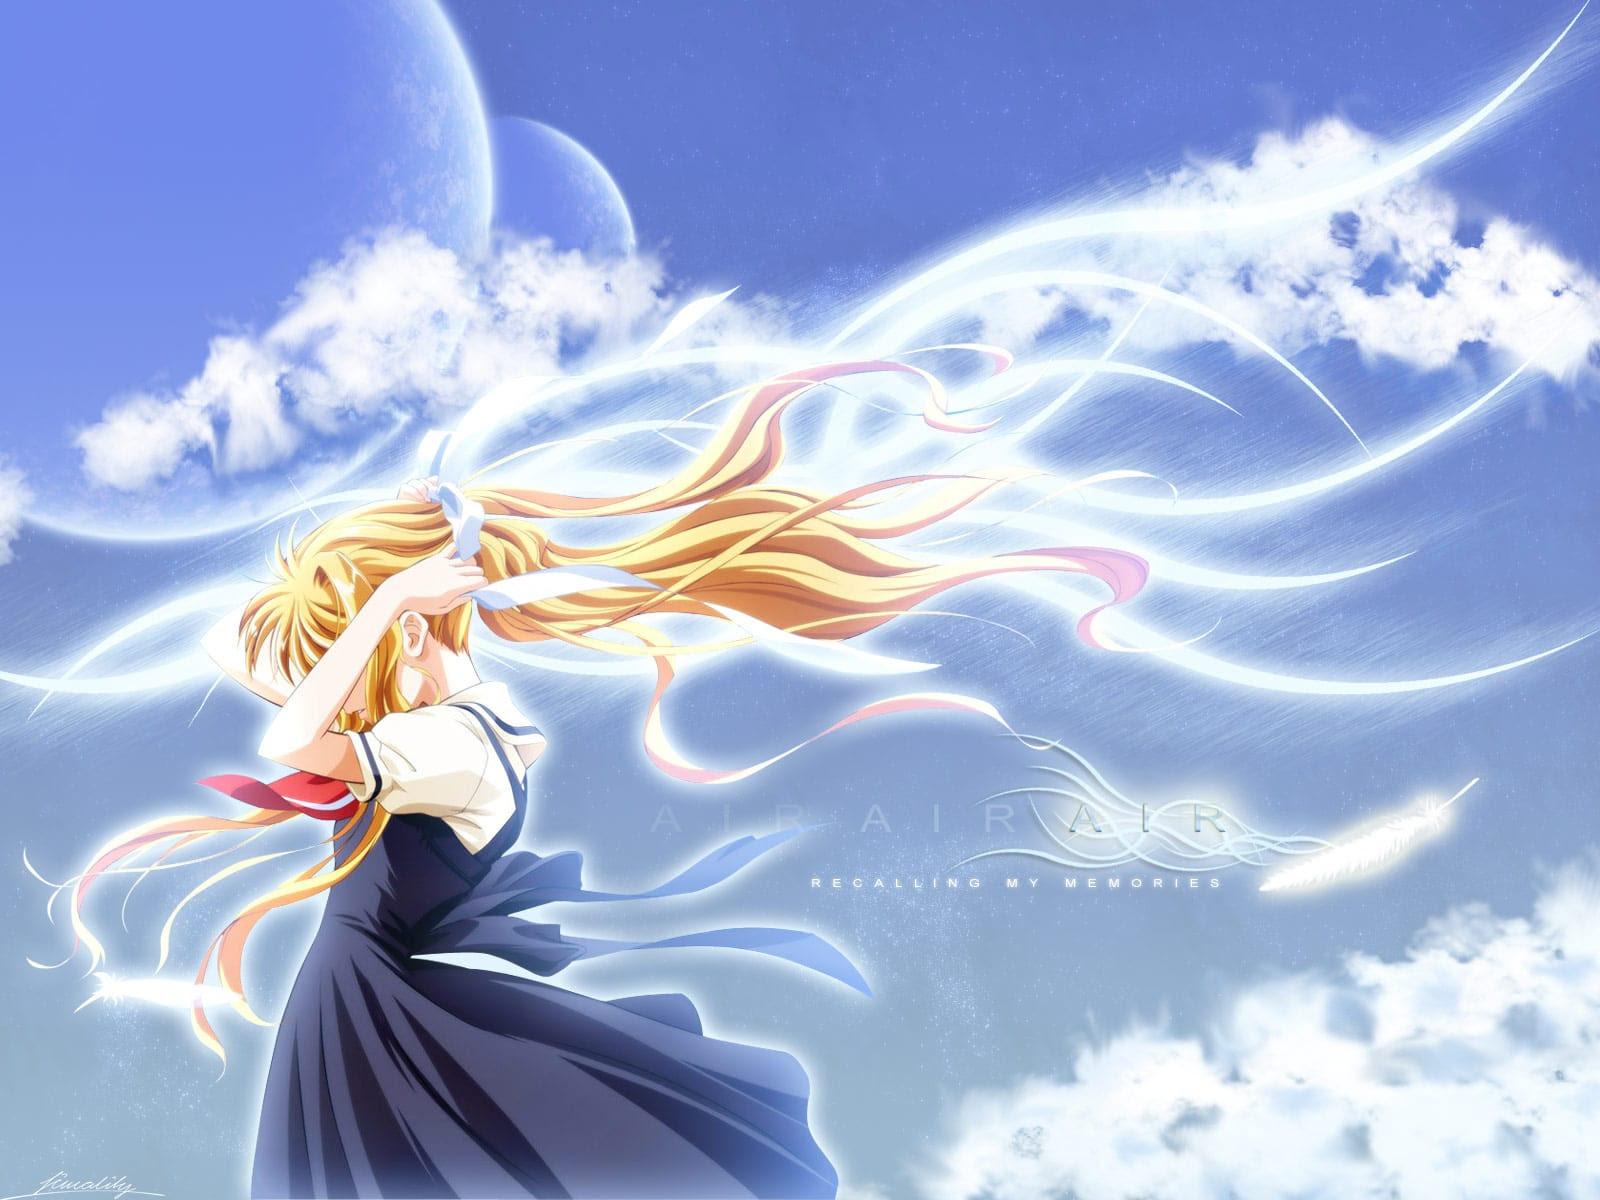 新作決定 Angel Beats の麻枝准が関わったアニメとは Erumaerまとめ